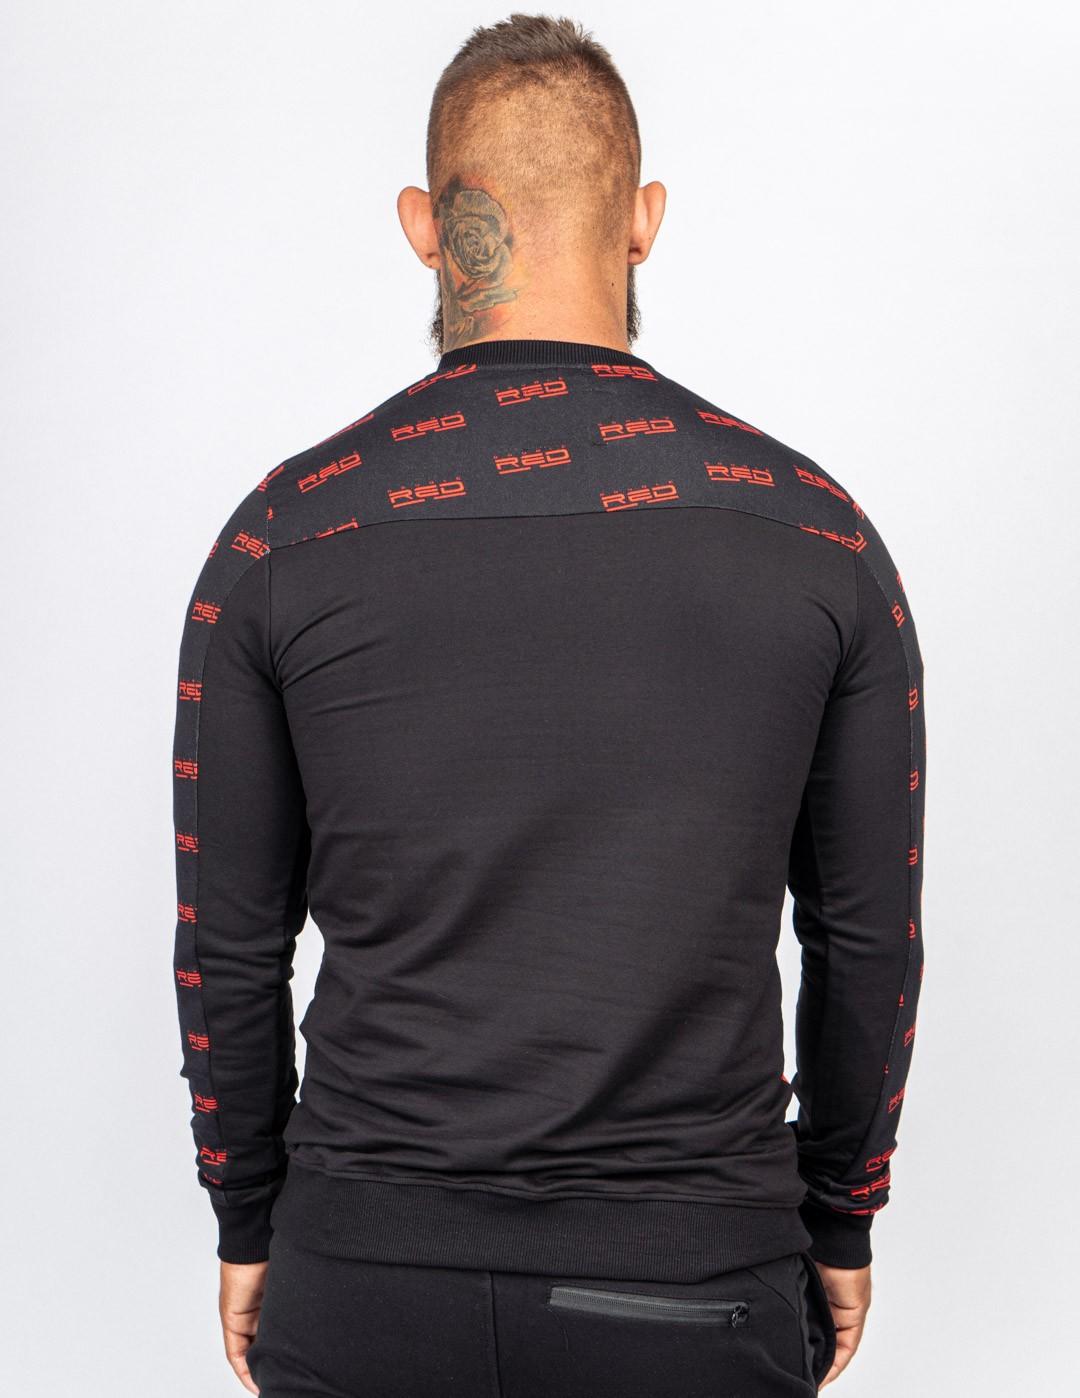 Sweatshirt UTTER  FULL LOGO Black